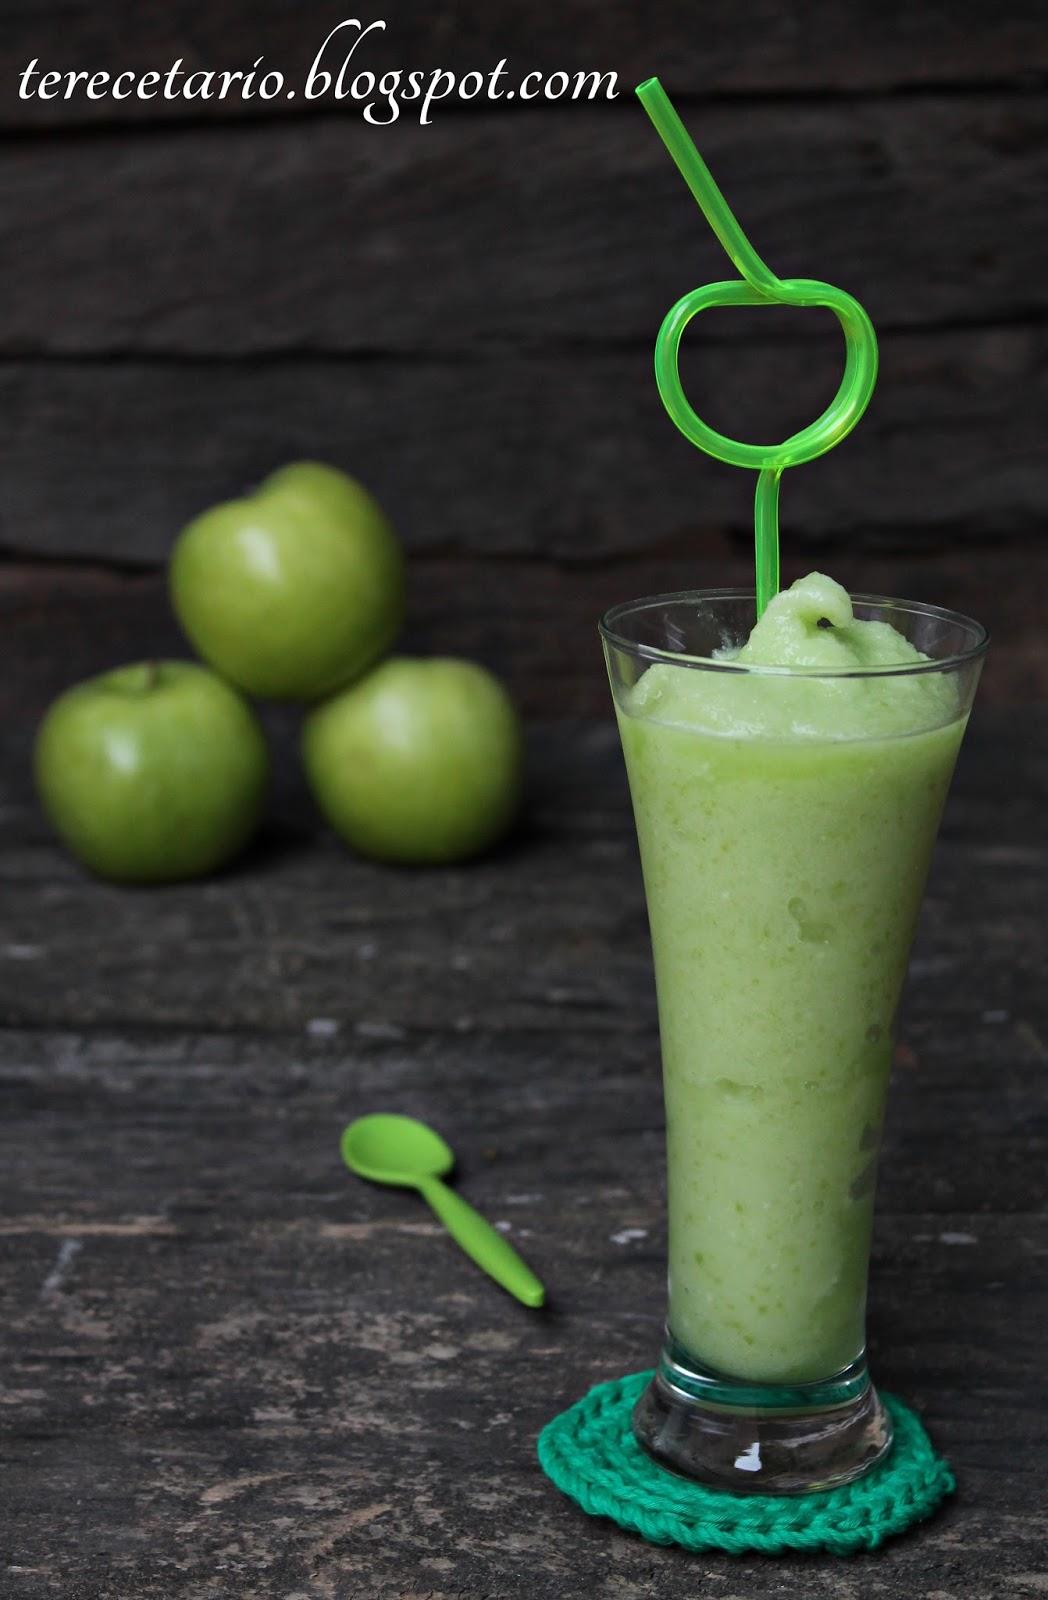 Terecetario sorbete de manzana verde - Sorbete de manzana verde ...